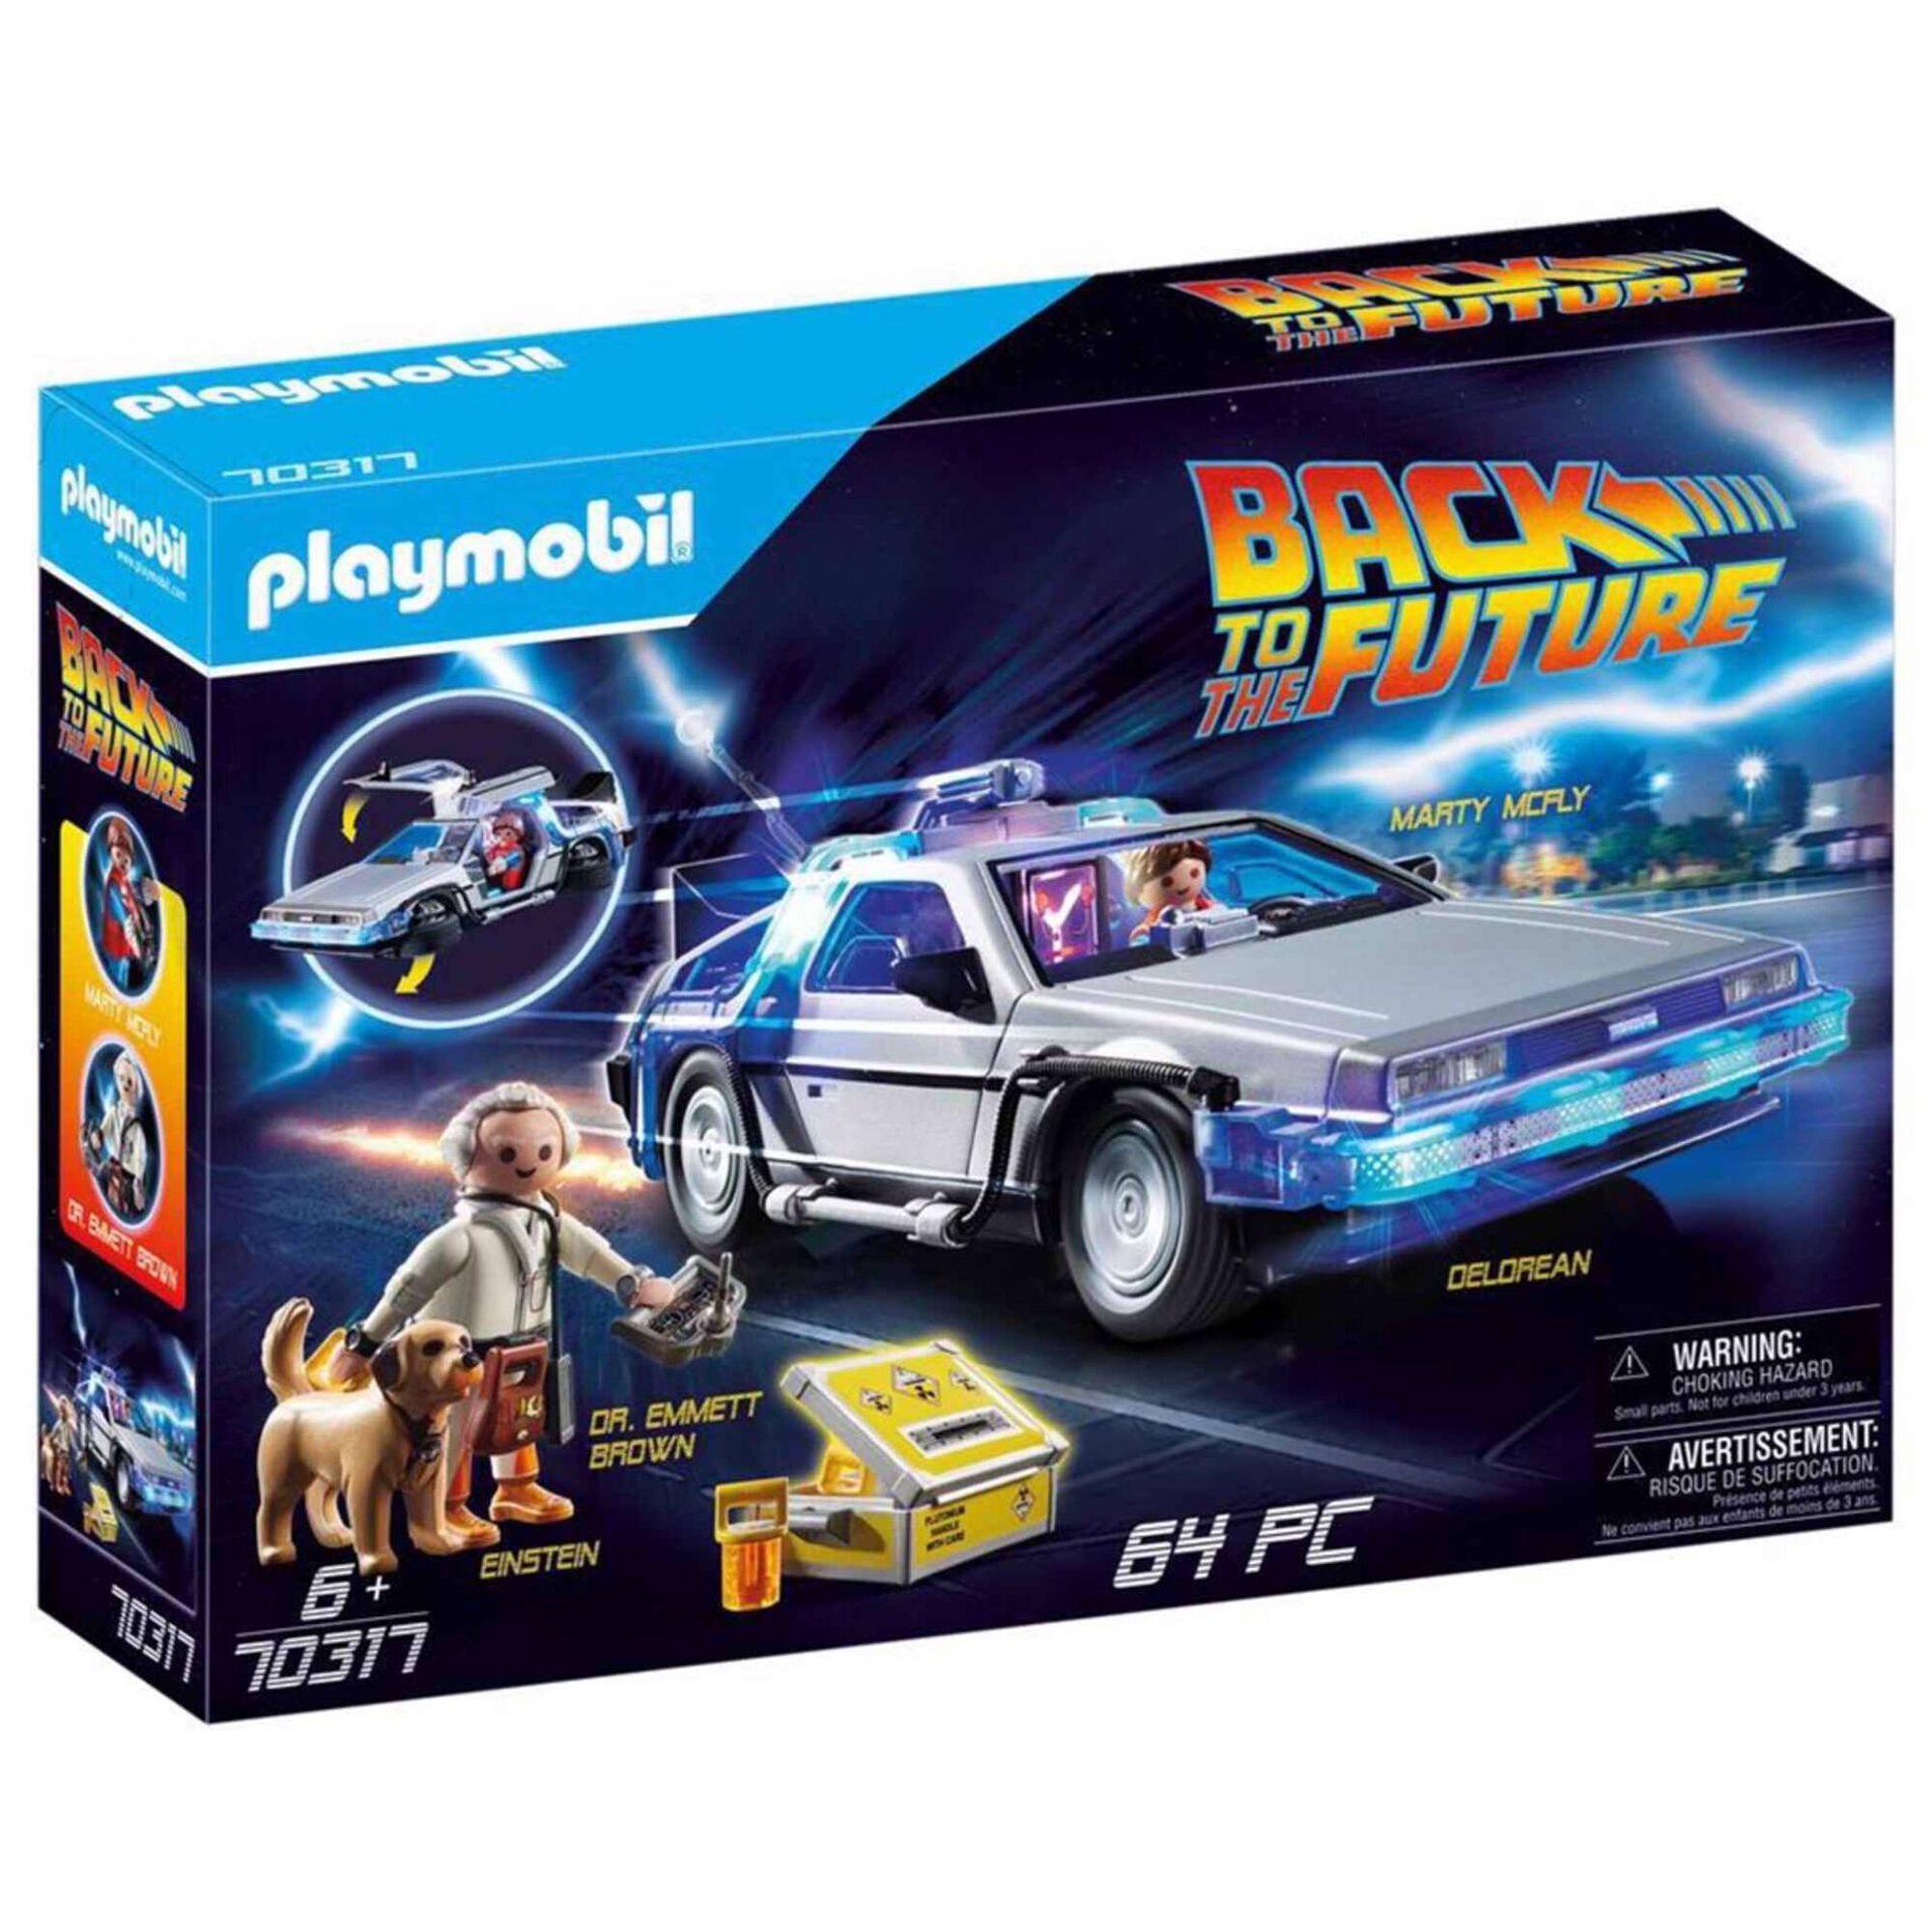 Back to the Future DeLorean - 70317